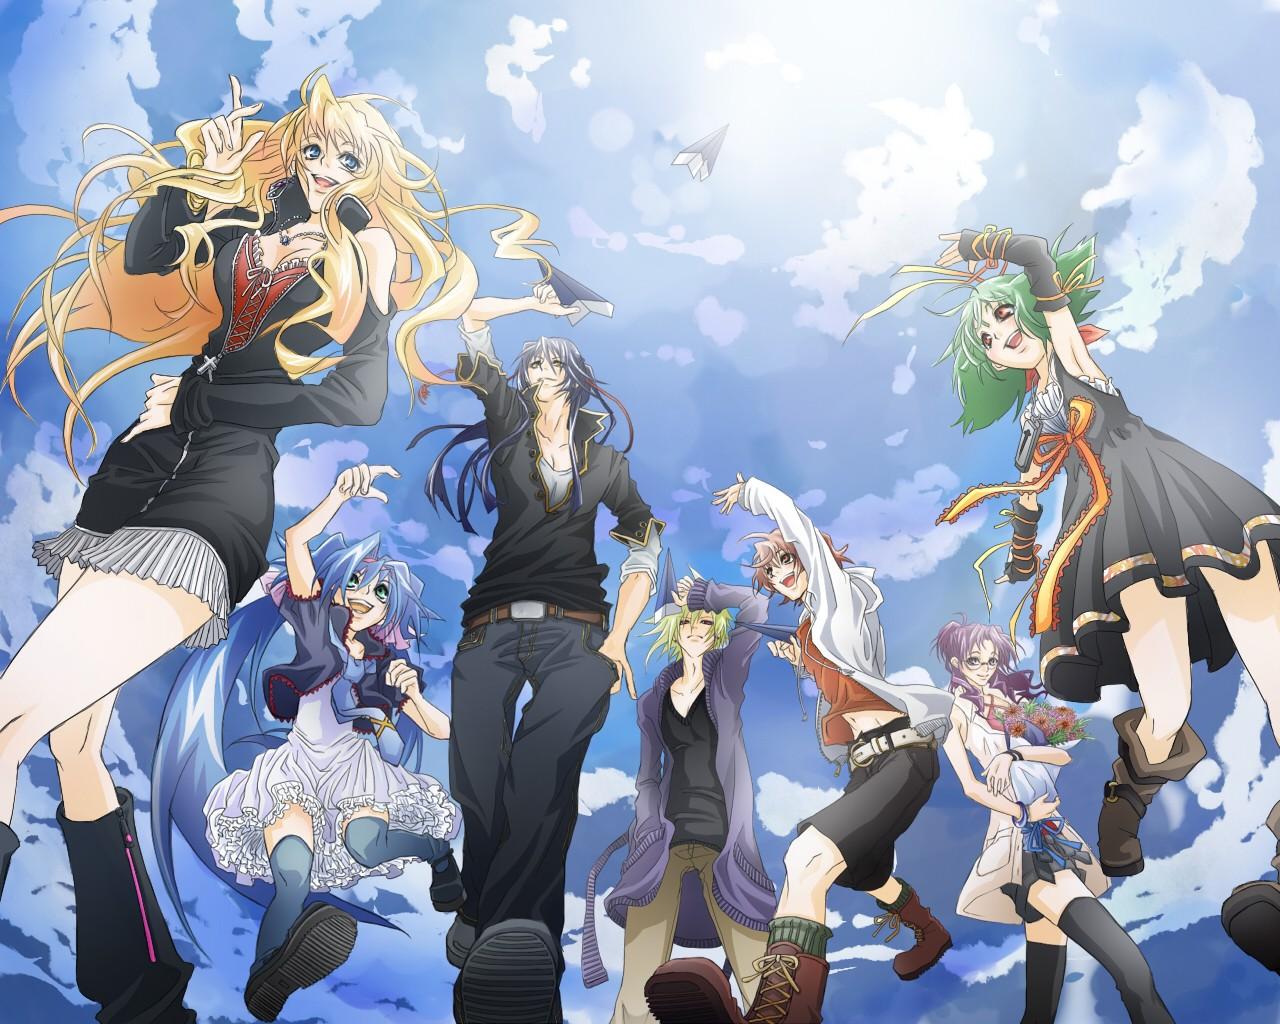 Tags Anime Macross Frontier Ranka Lee Klan Klang Brera Sterne